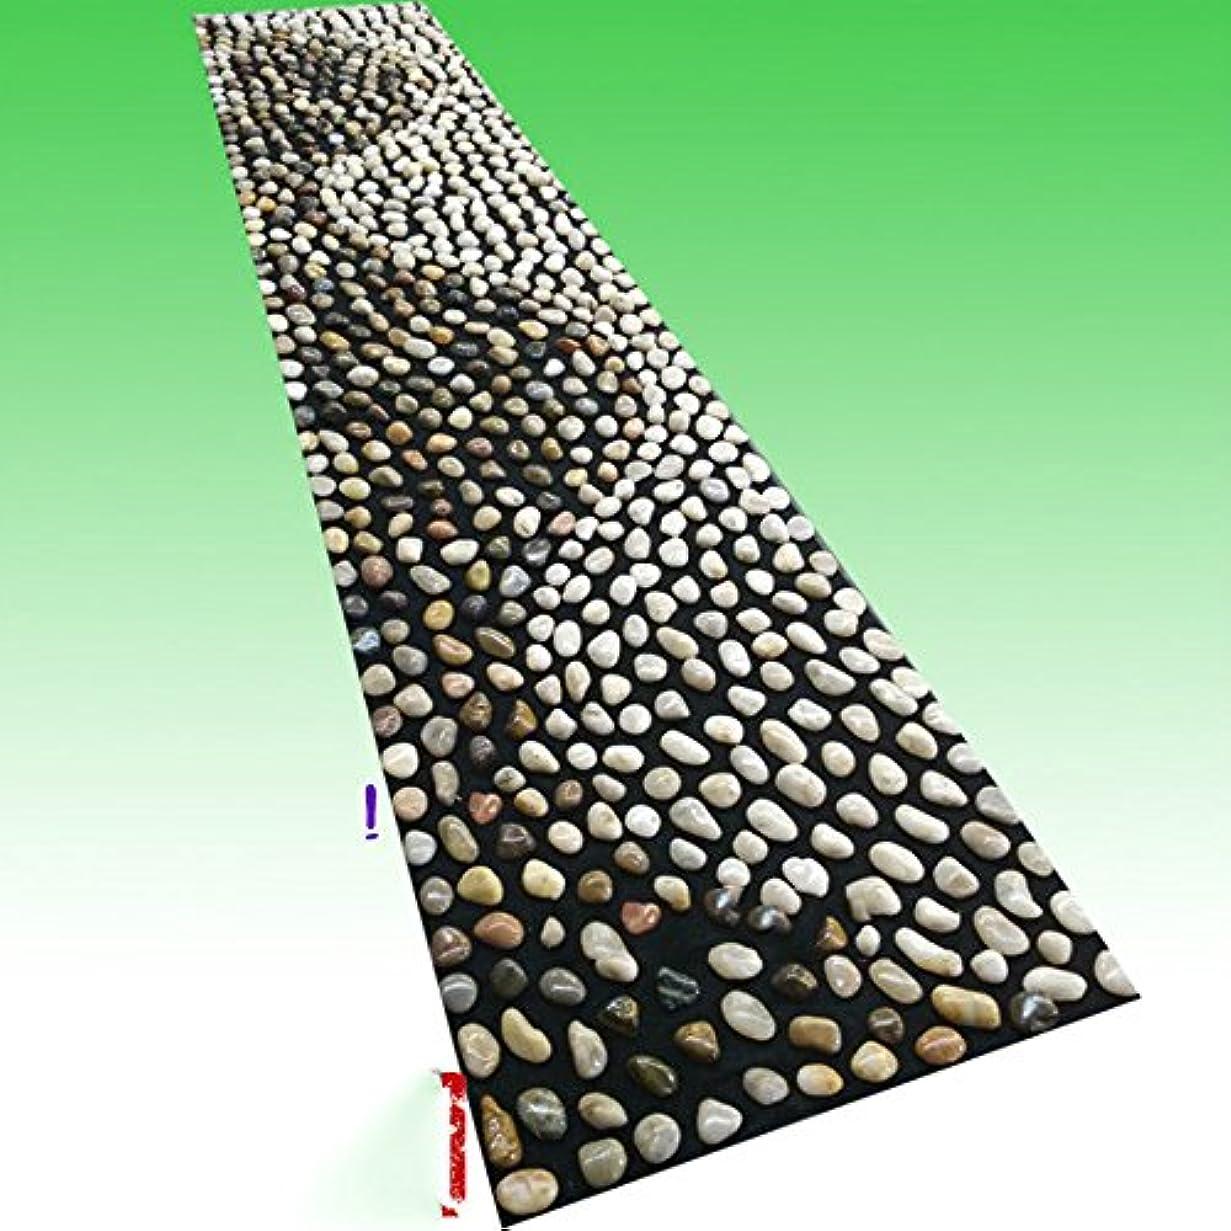 ブラジャー切り刻むマイクロプロセッサ足つぼ マット マッサージシート マッサージ 足裏 健康 ツボ刺激 折りたたみ ウォーキングマット 足裏マット 本物の健康 フットマッサージ 足のマッサージパッド 模造石畳の歩道